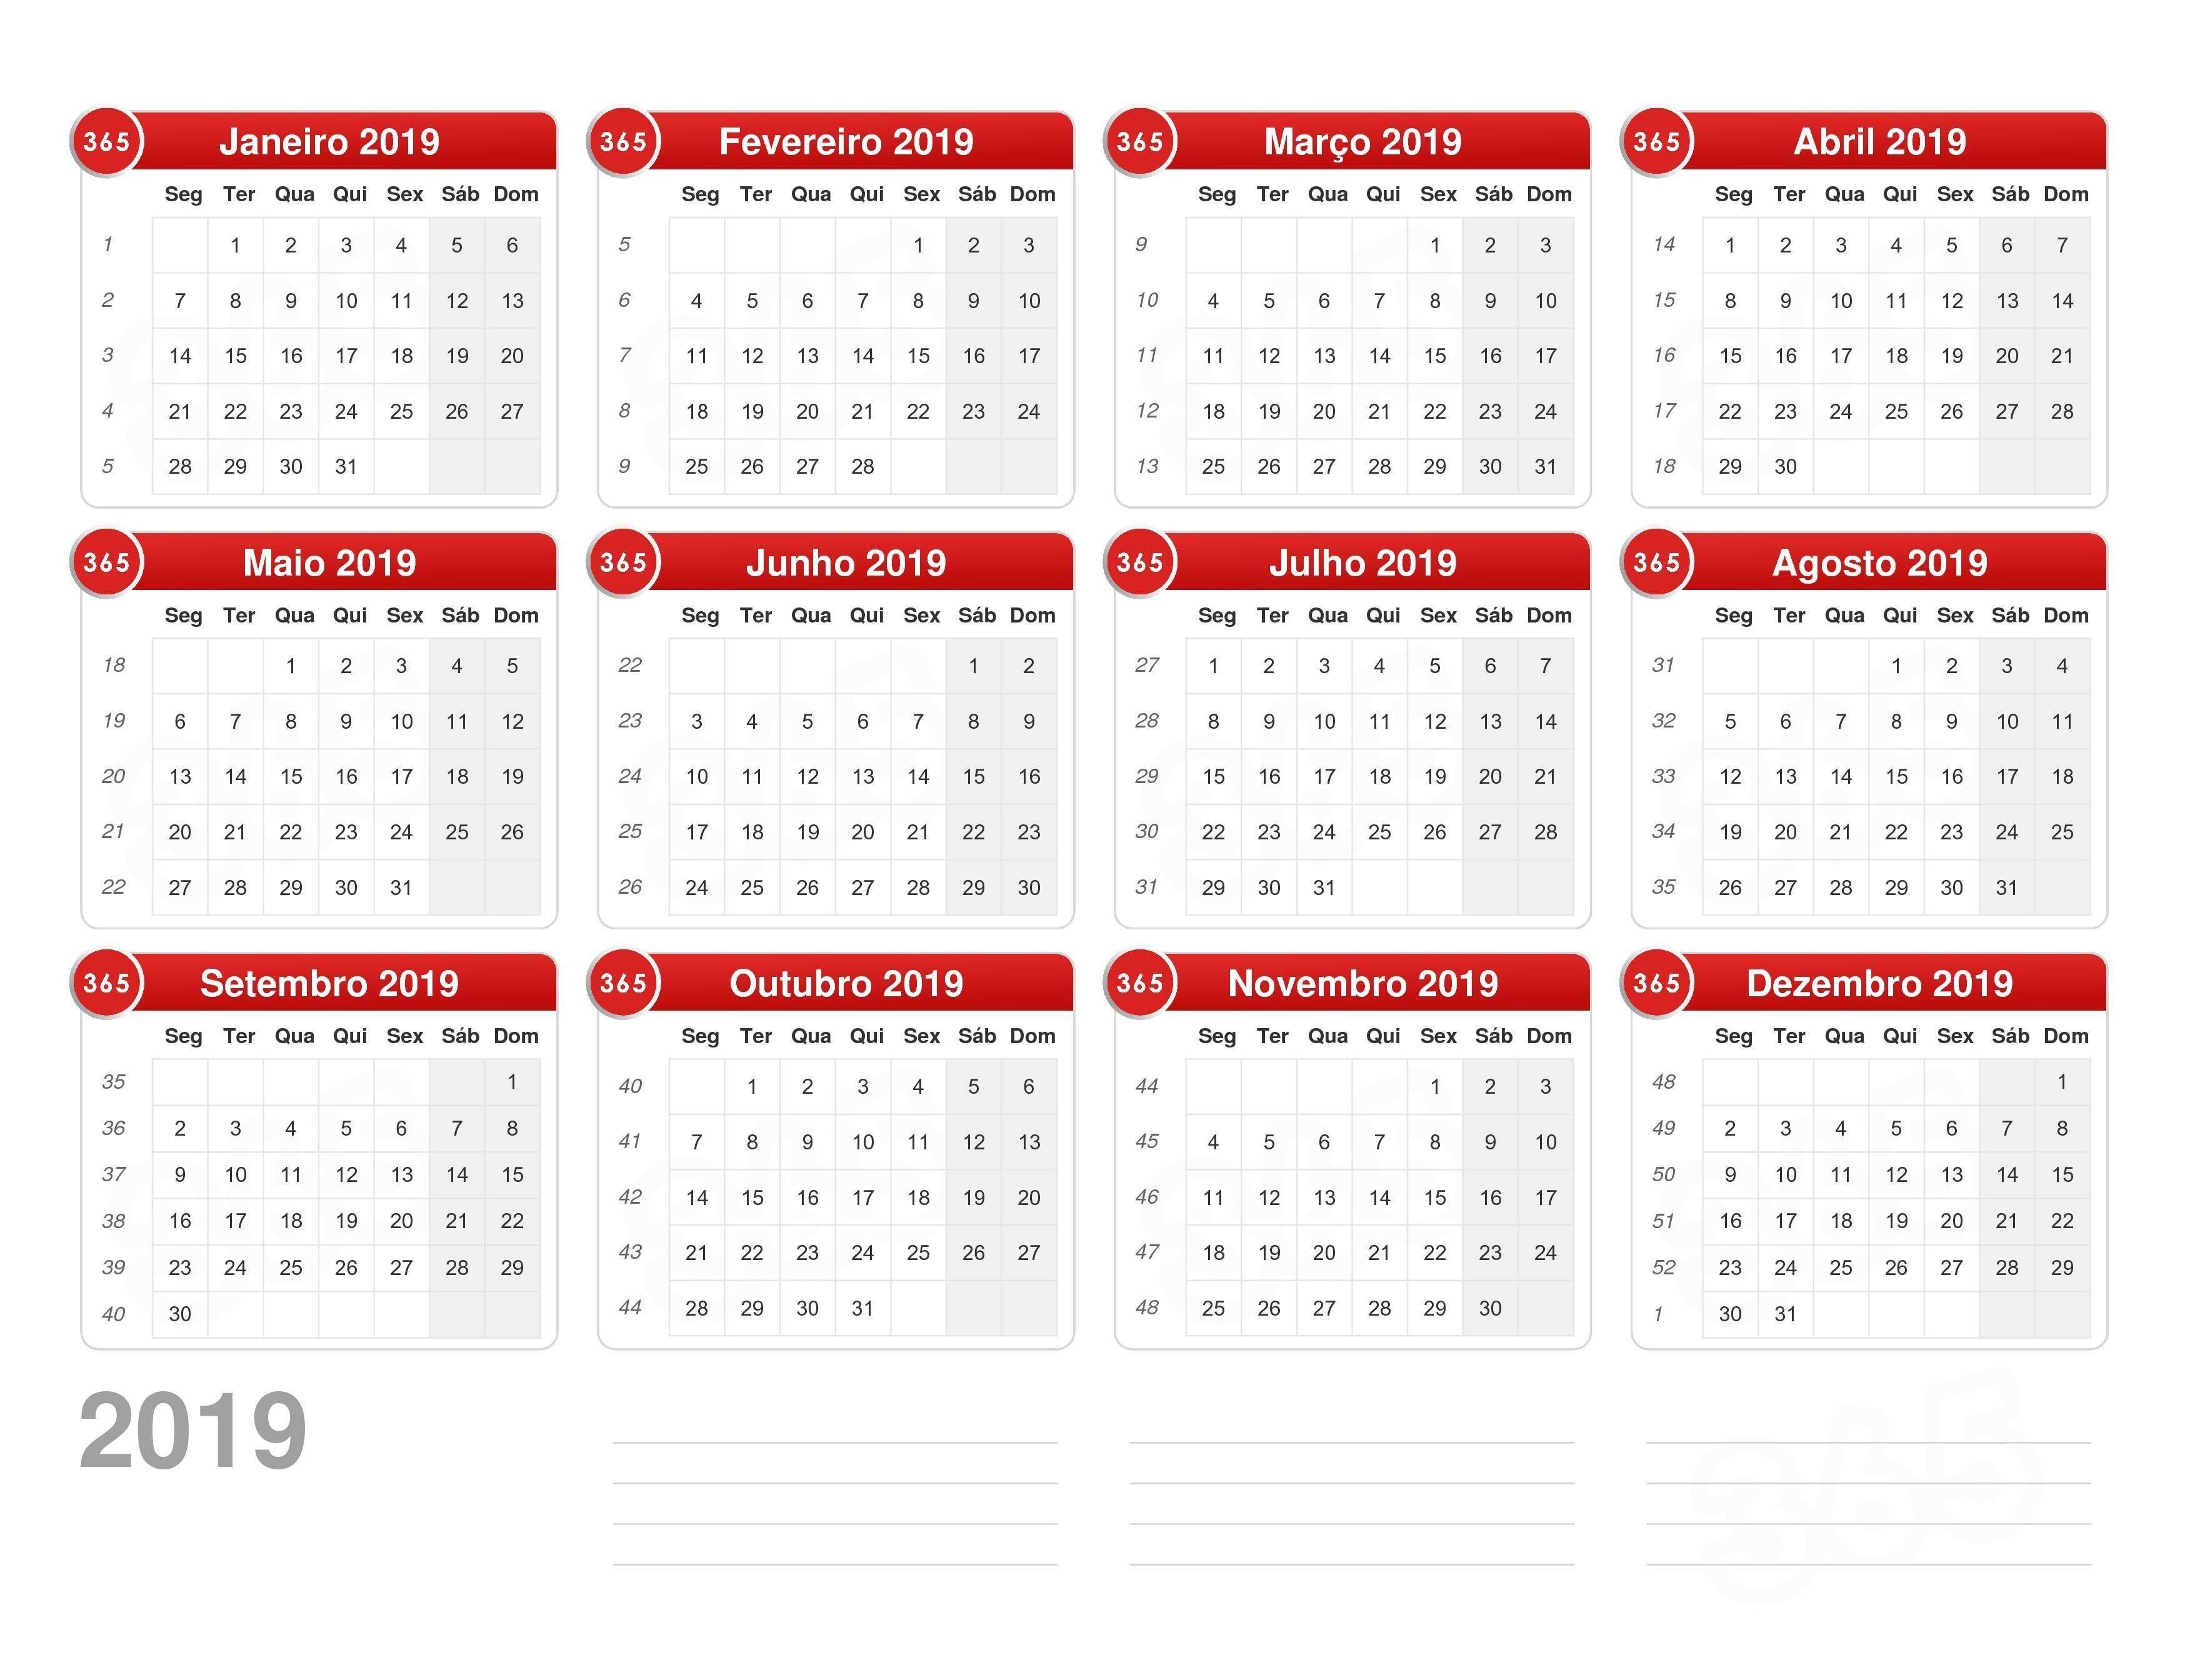 Calendario 2019 Para Imprimir Costa Rica Actual Calendário 2019 Da Stampare Of Calendario 2019 Para Imprimir Costa Rica Más Caliente Calendario Cuba A±o 2019